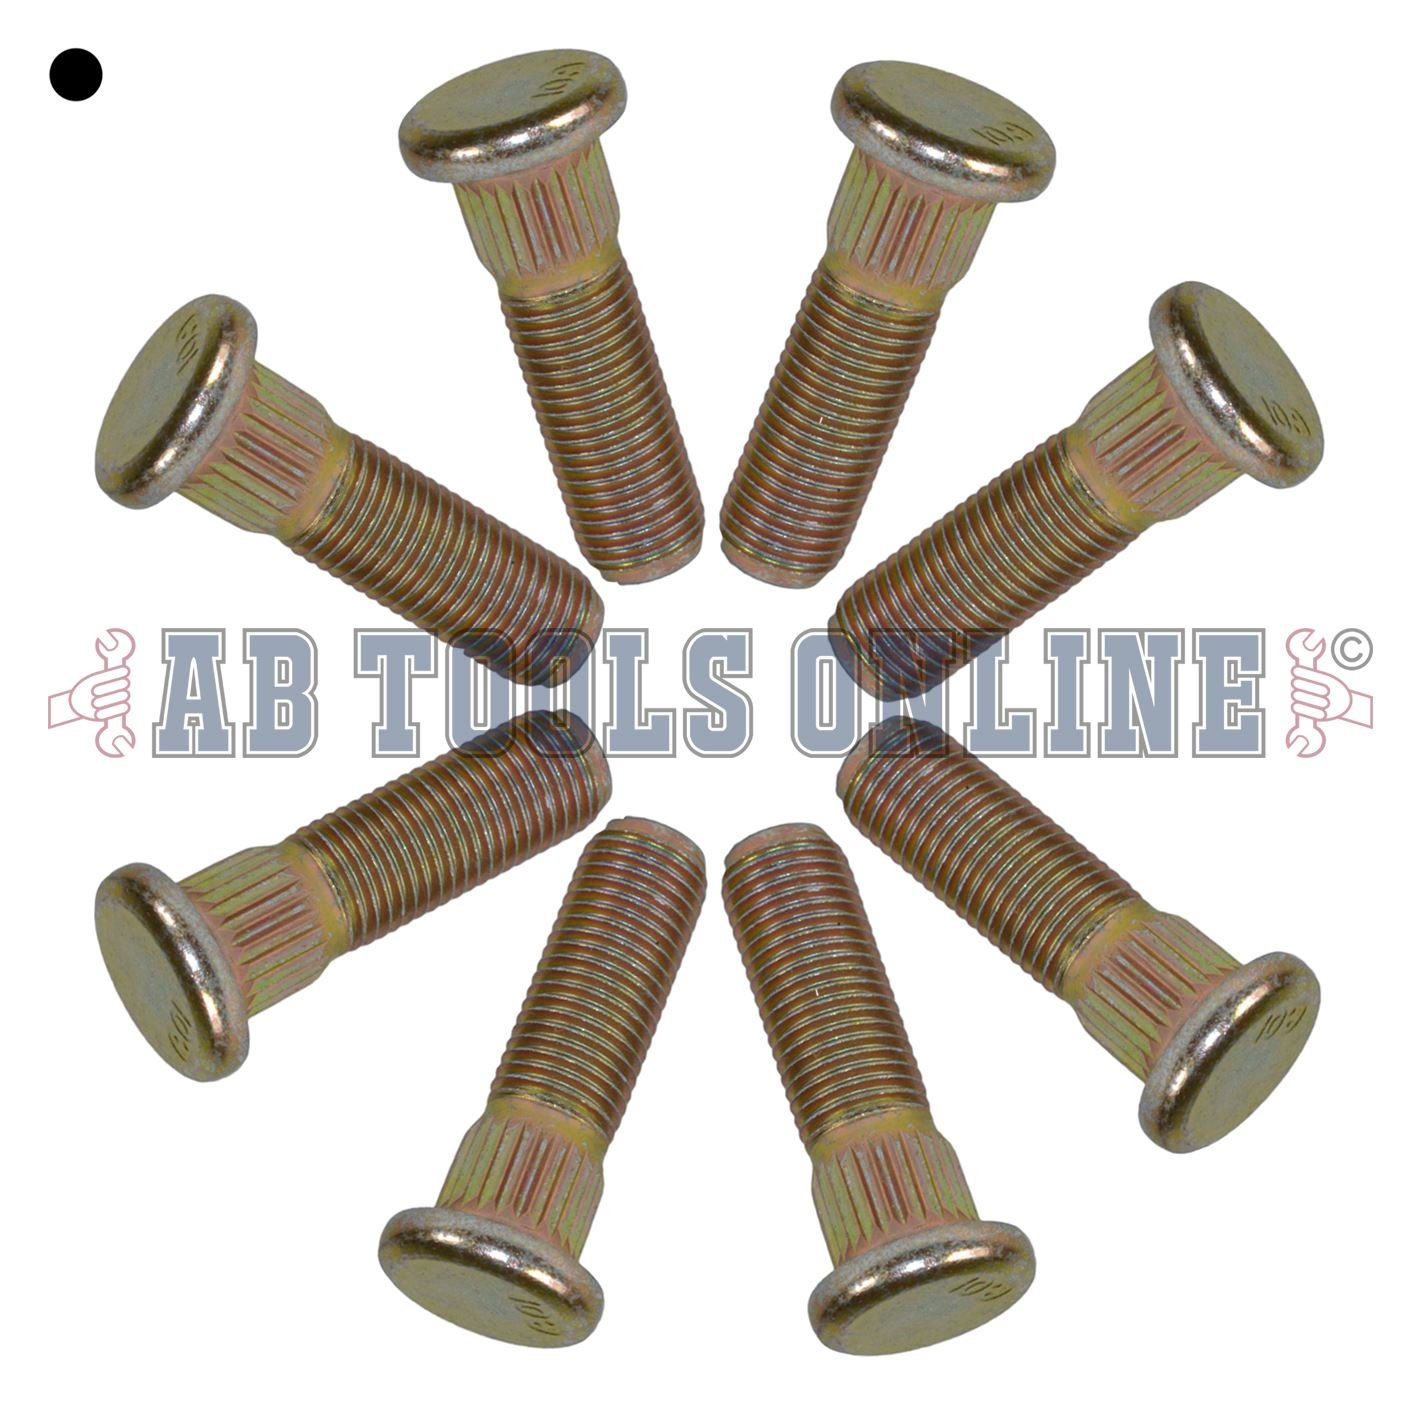 Pack de 8 3/8 UNF espárragos y tuercas de rueda de 4